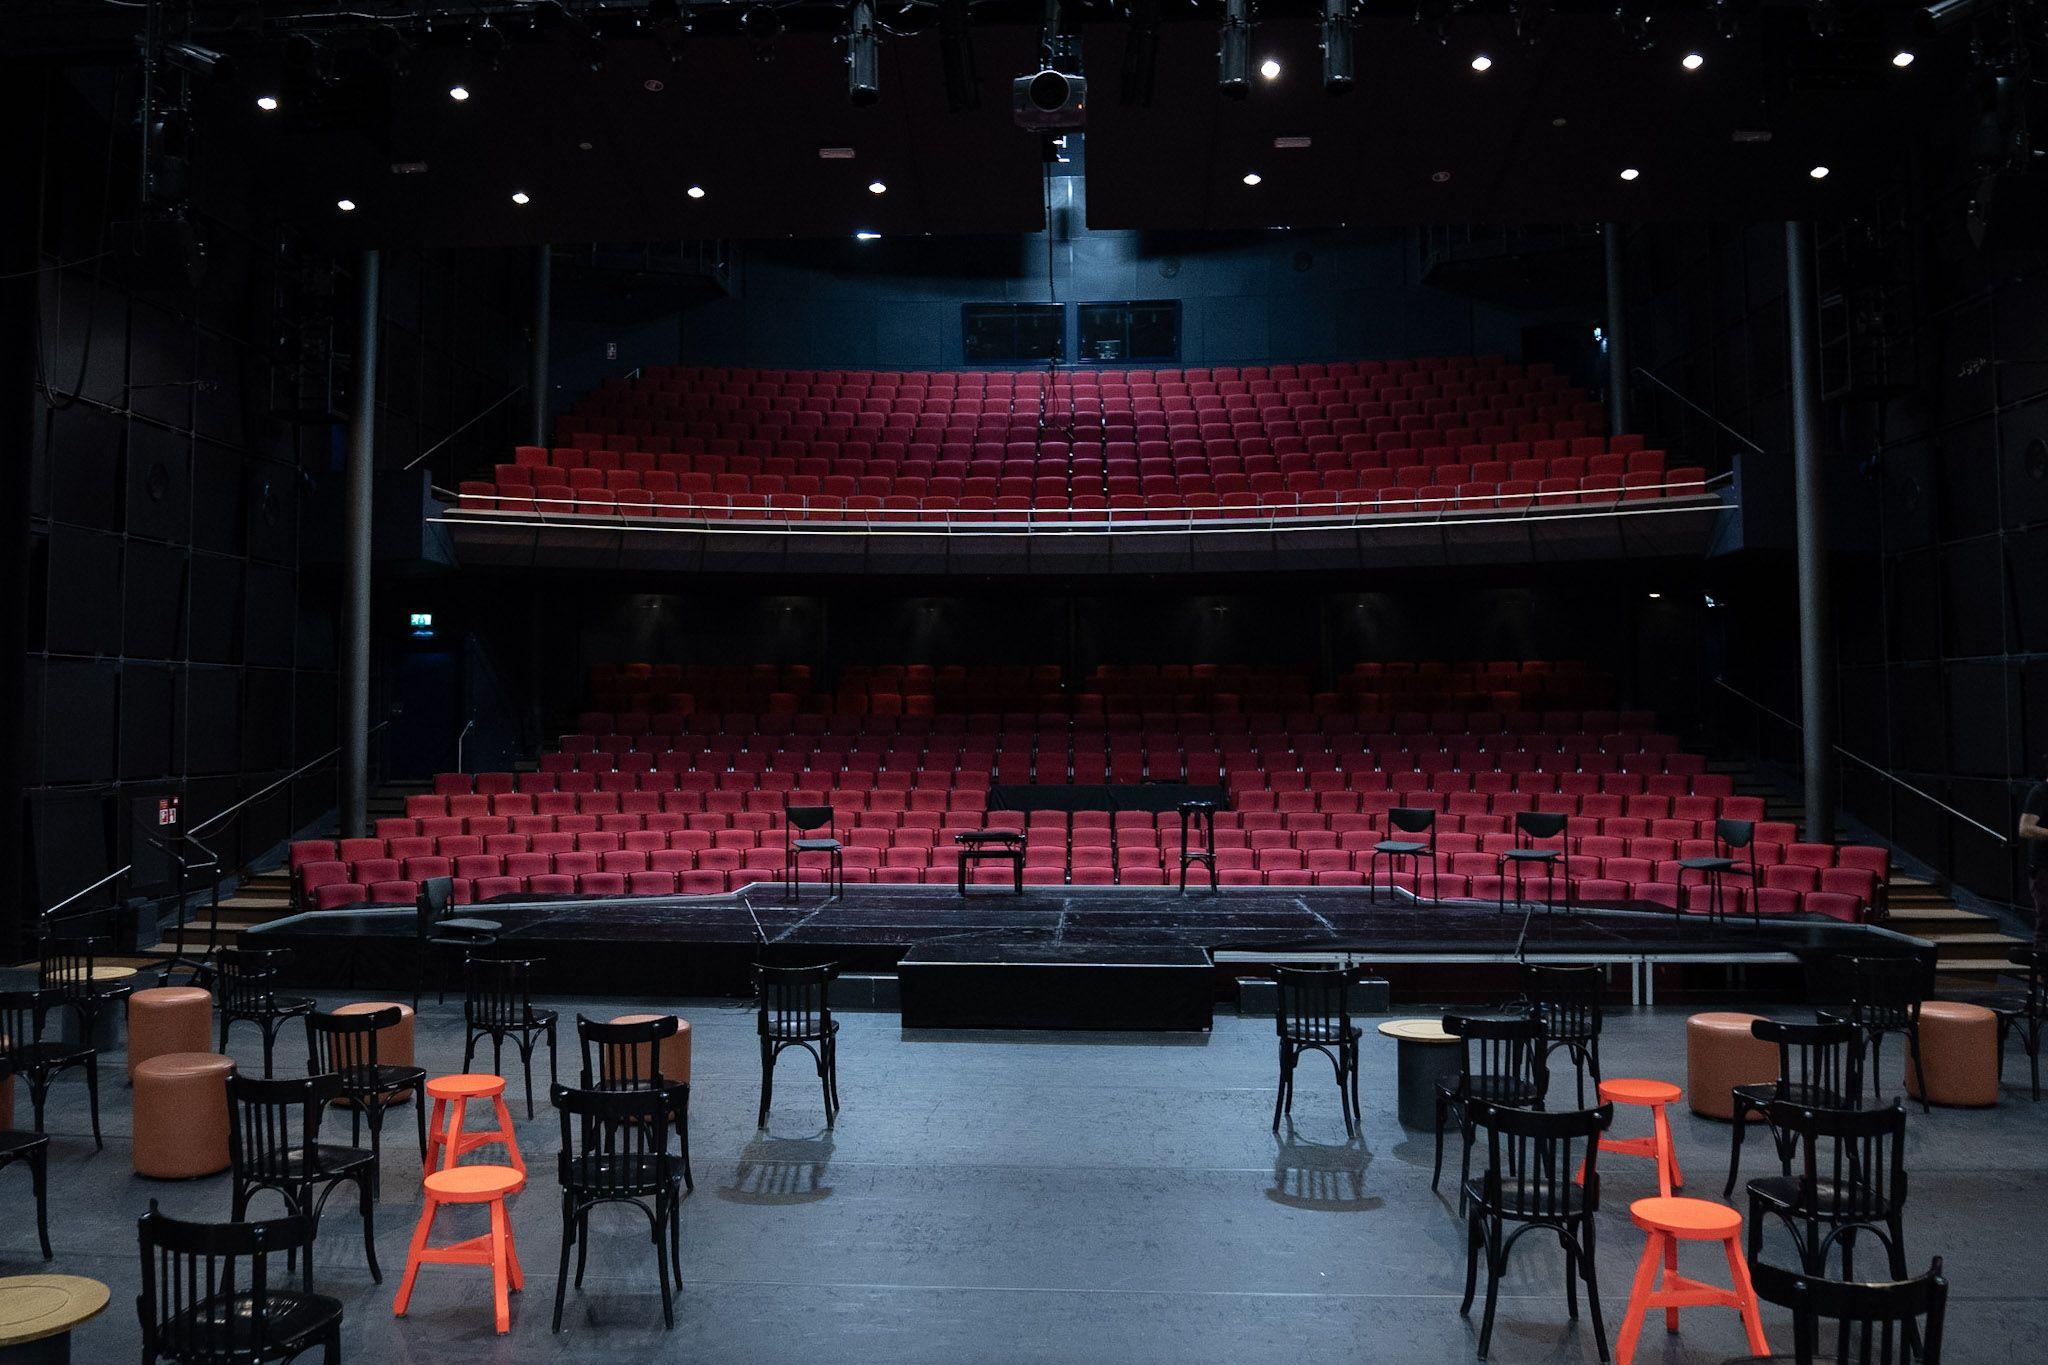 Theaterzaal Stadstheater Zoetermeer